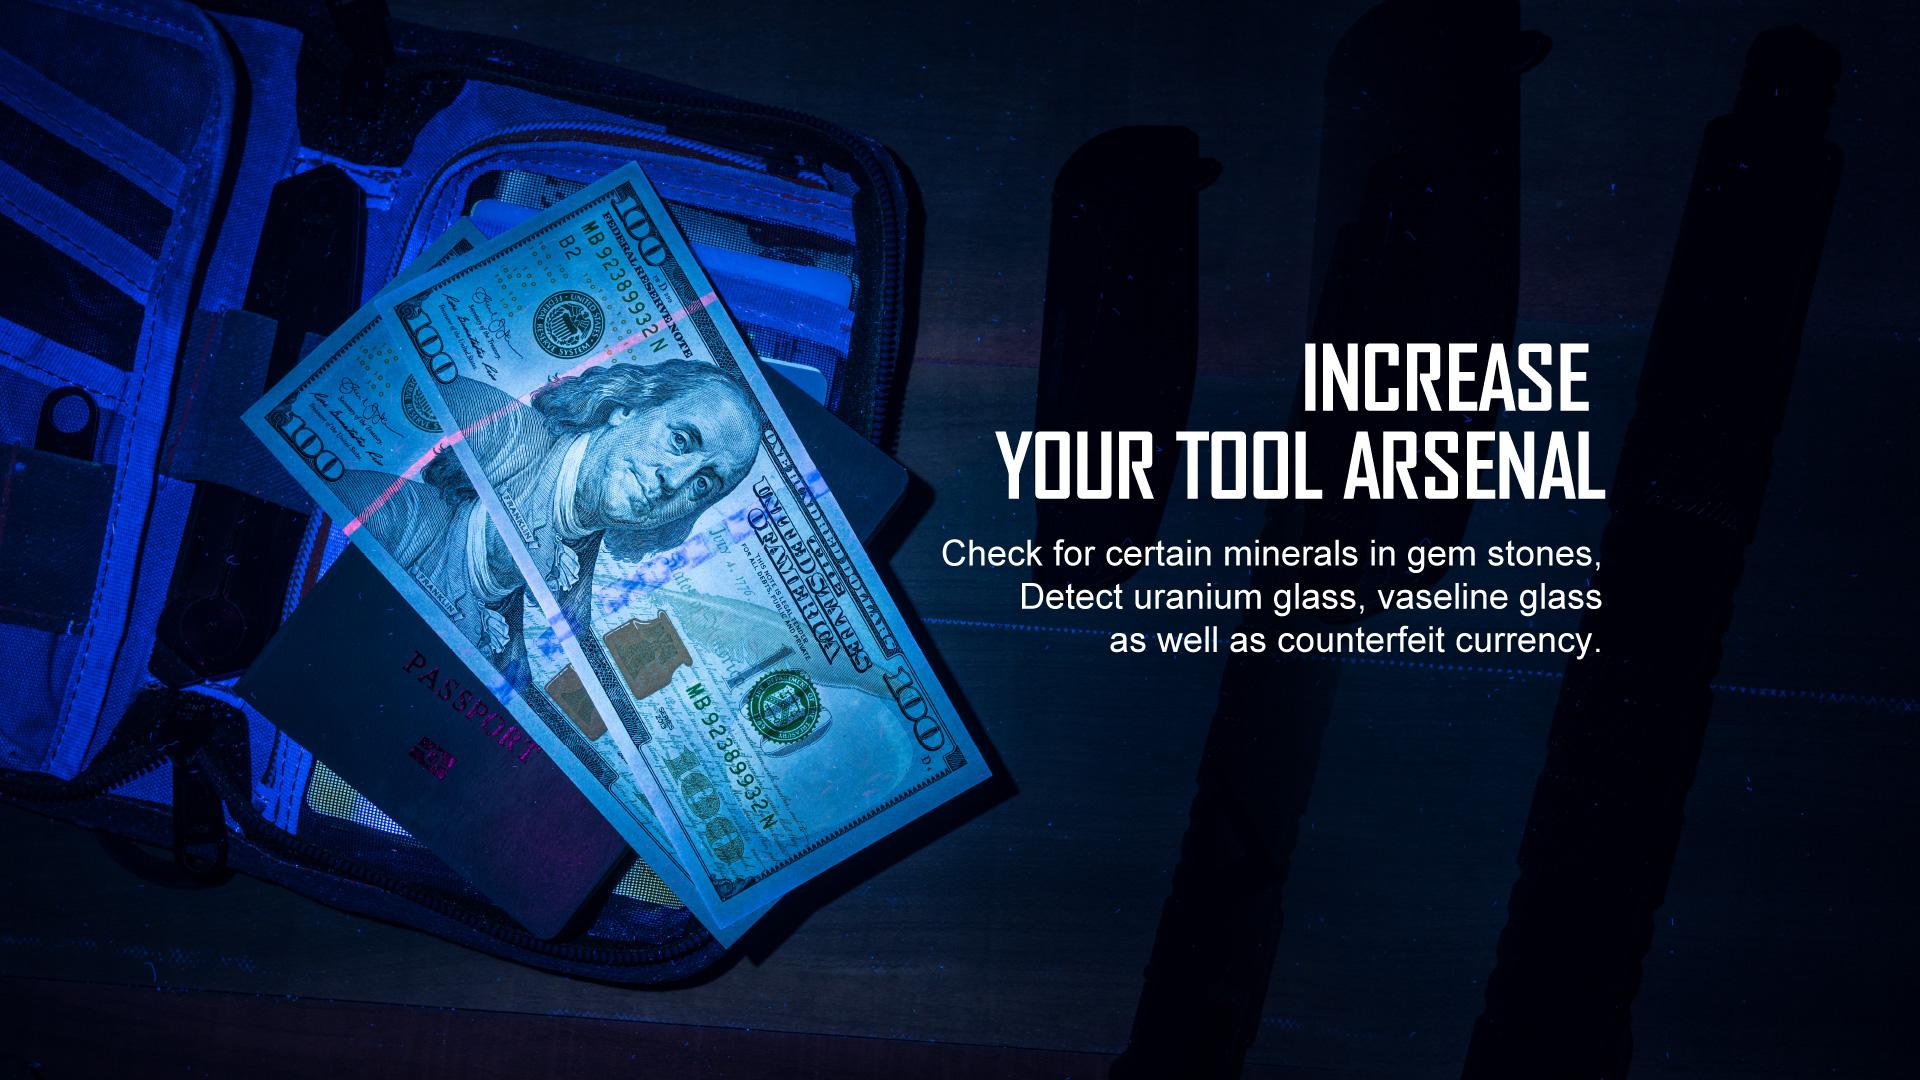 Olight i5 UV EOS Ultraviolet Flashlight Tool Arsenal